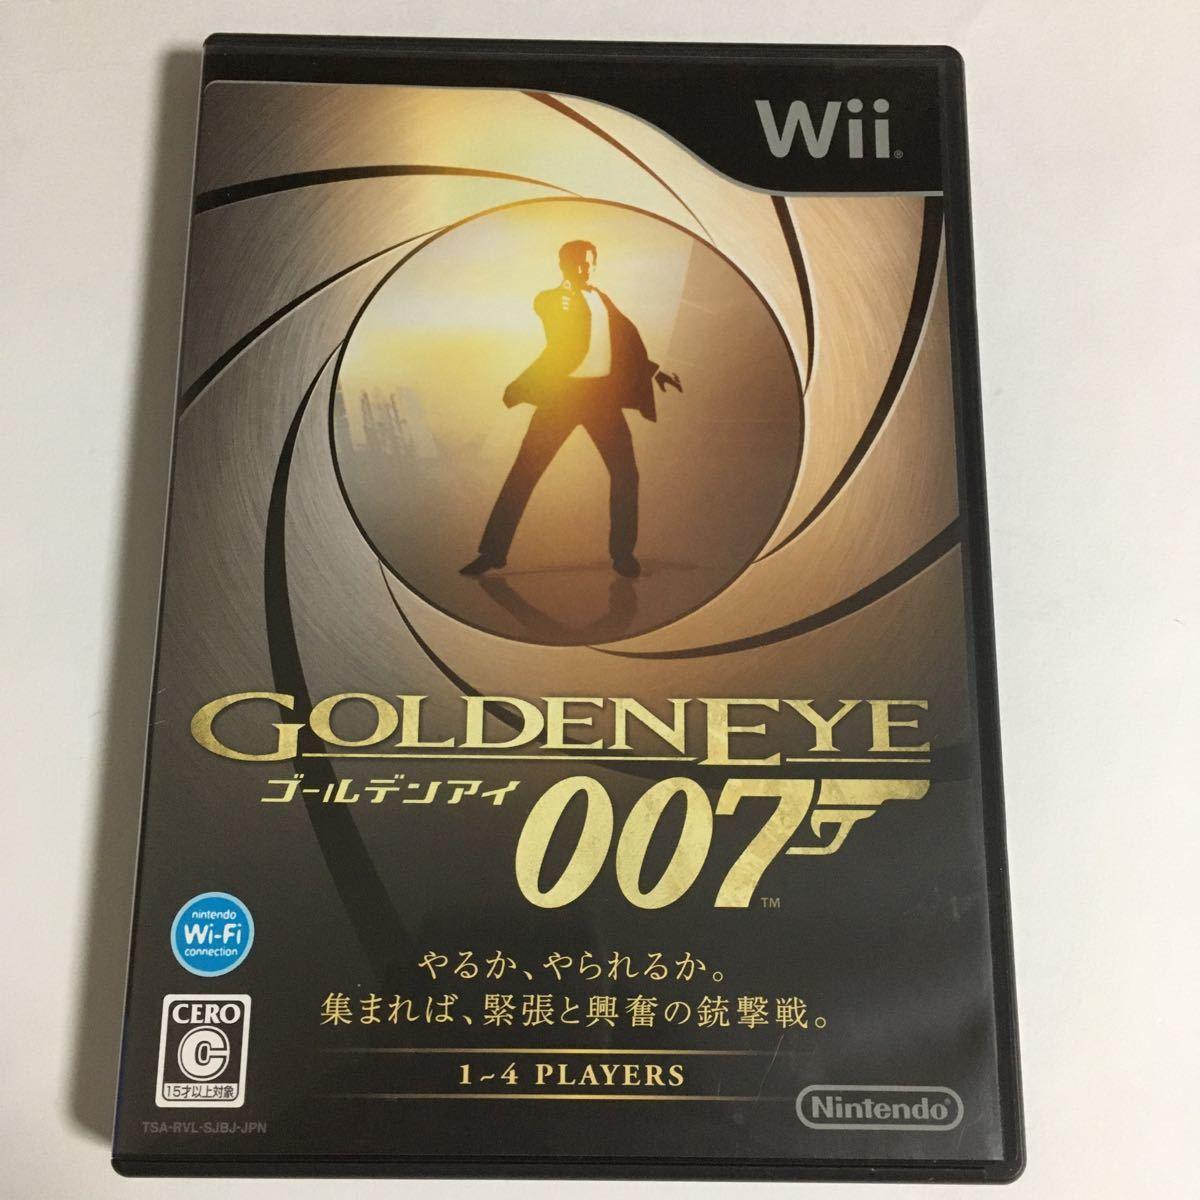 Wii ソフト ゴールデンアイ007 動作確認済み 美品 カセット ニンテンドー 任天堂 レトロ ゲーム